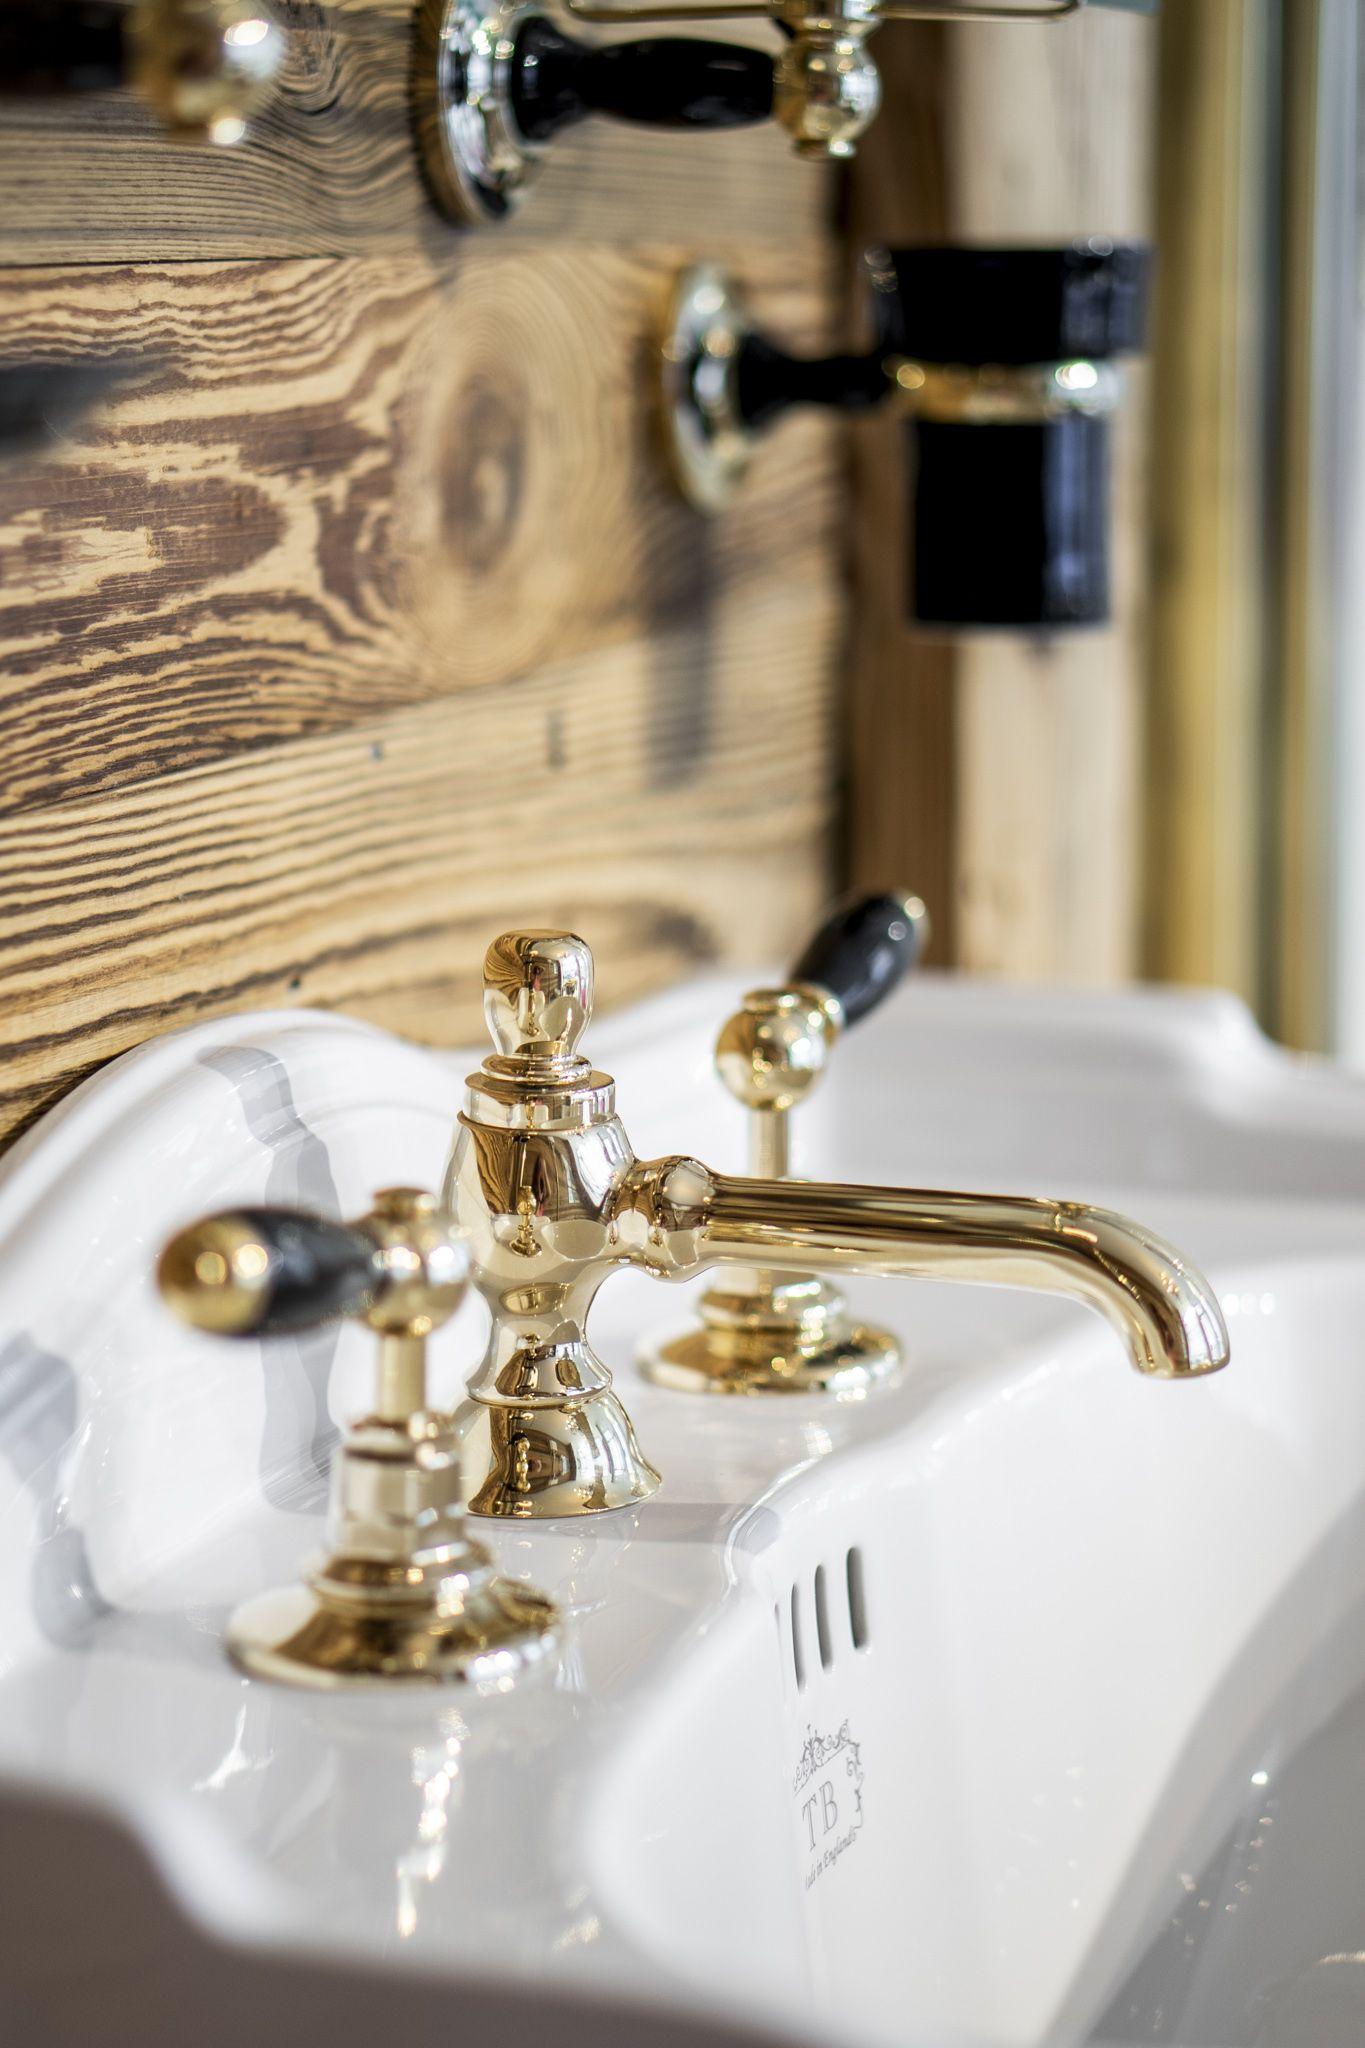 Waschtisch Armatur Gold Waschbecken Armaturen Waschbecken Inneneinrichtung